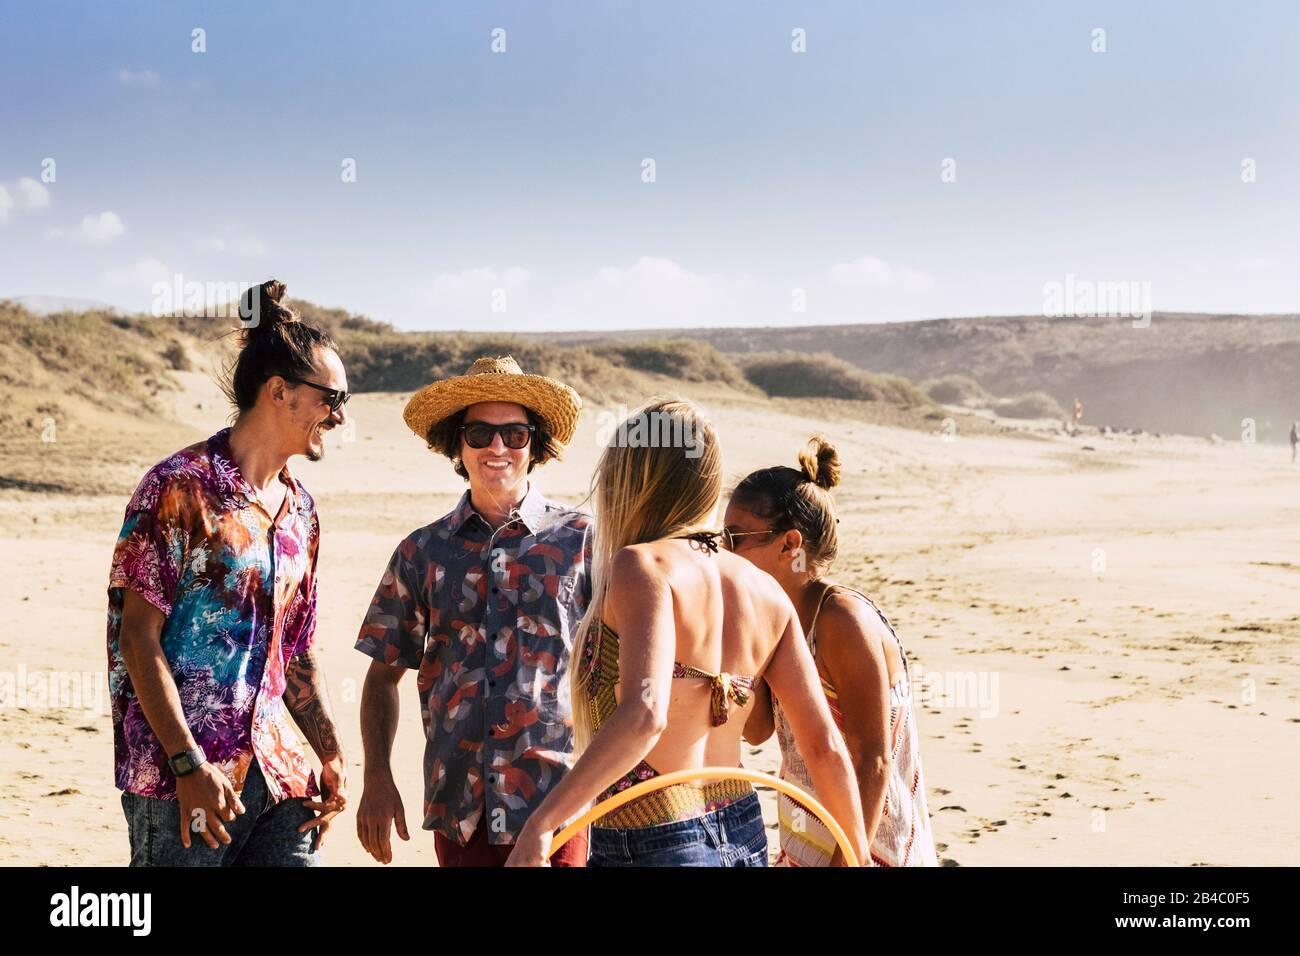 Groupe de personnes jeunes amis profiter et s'amuser à la plage - le tourisme et le concept touristique pour les vacances d'été - soleil et de beaux hommes et femmes ensemble plein air dans l'amitié Banque D'Images